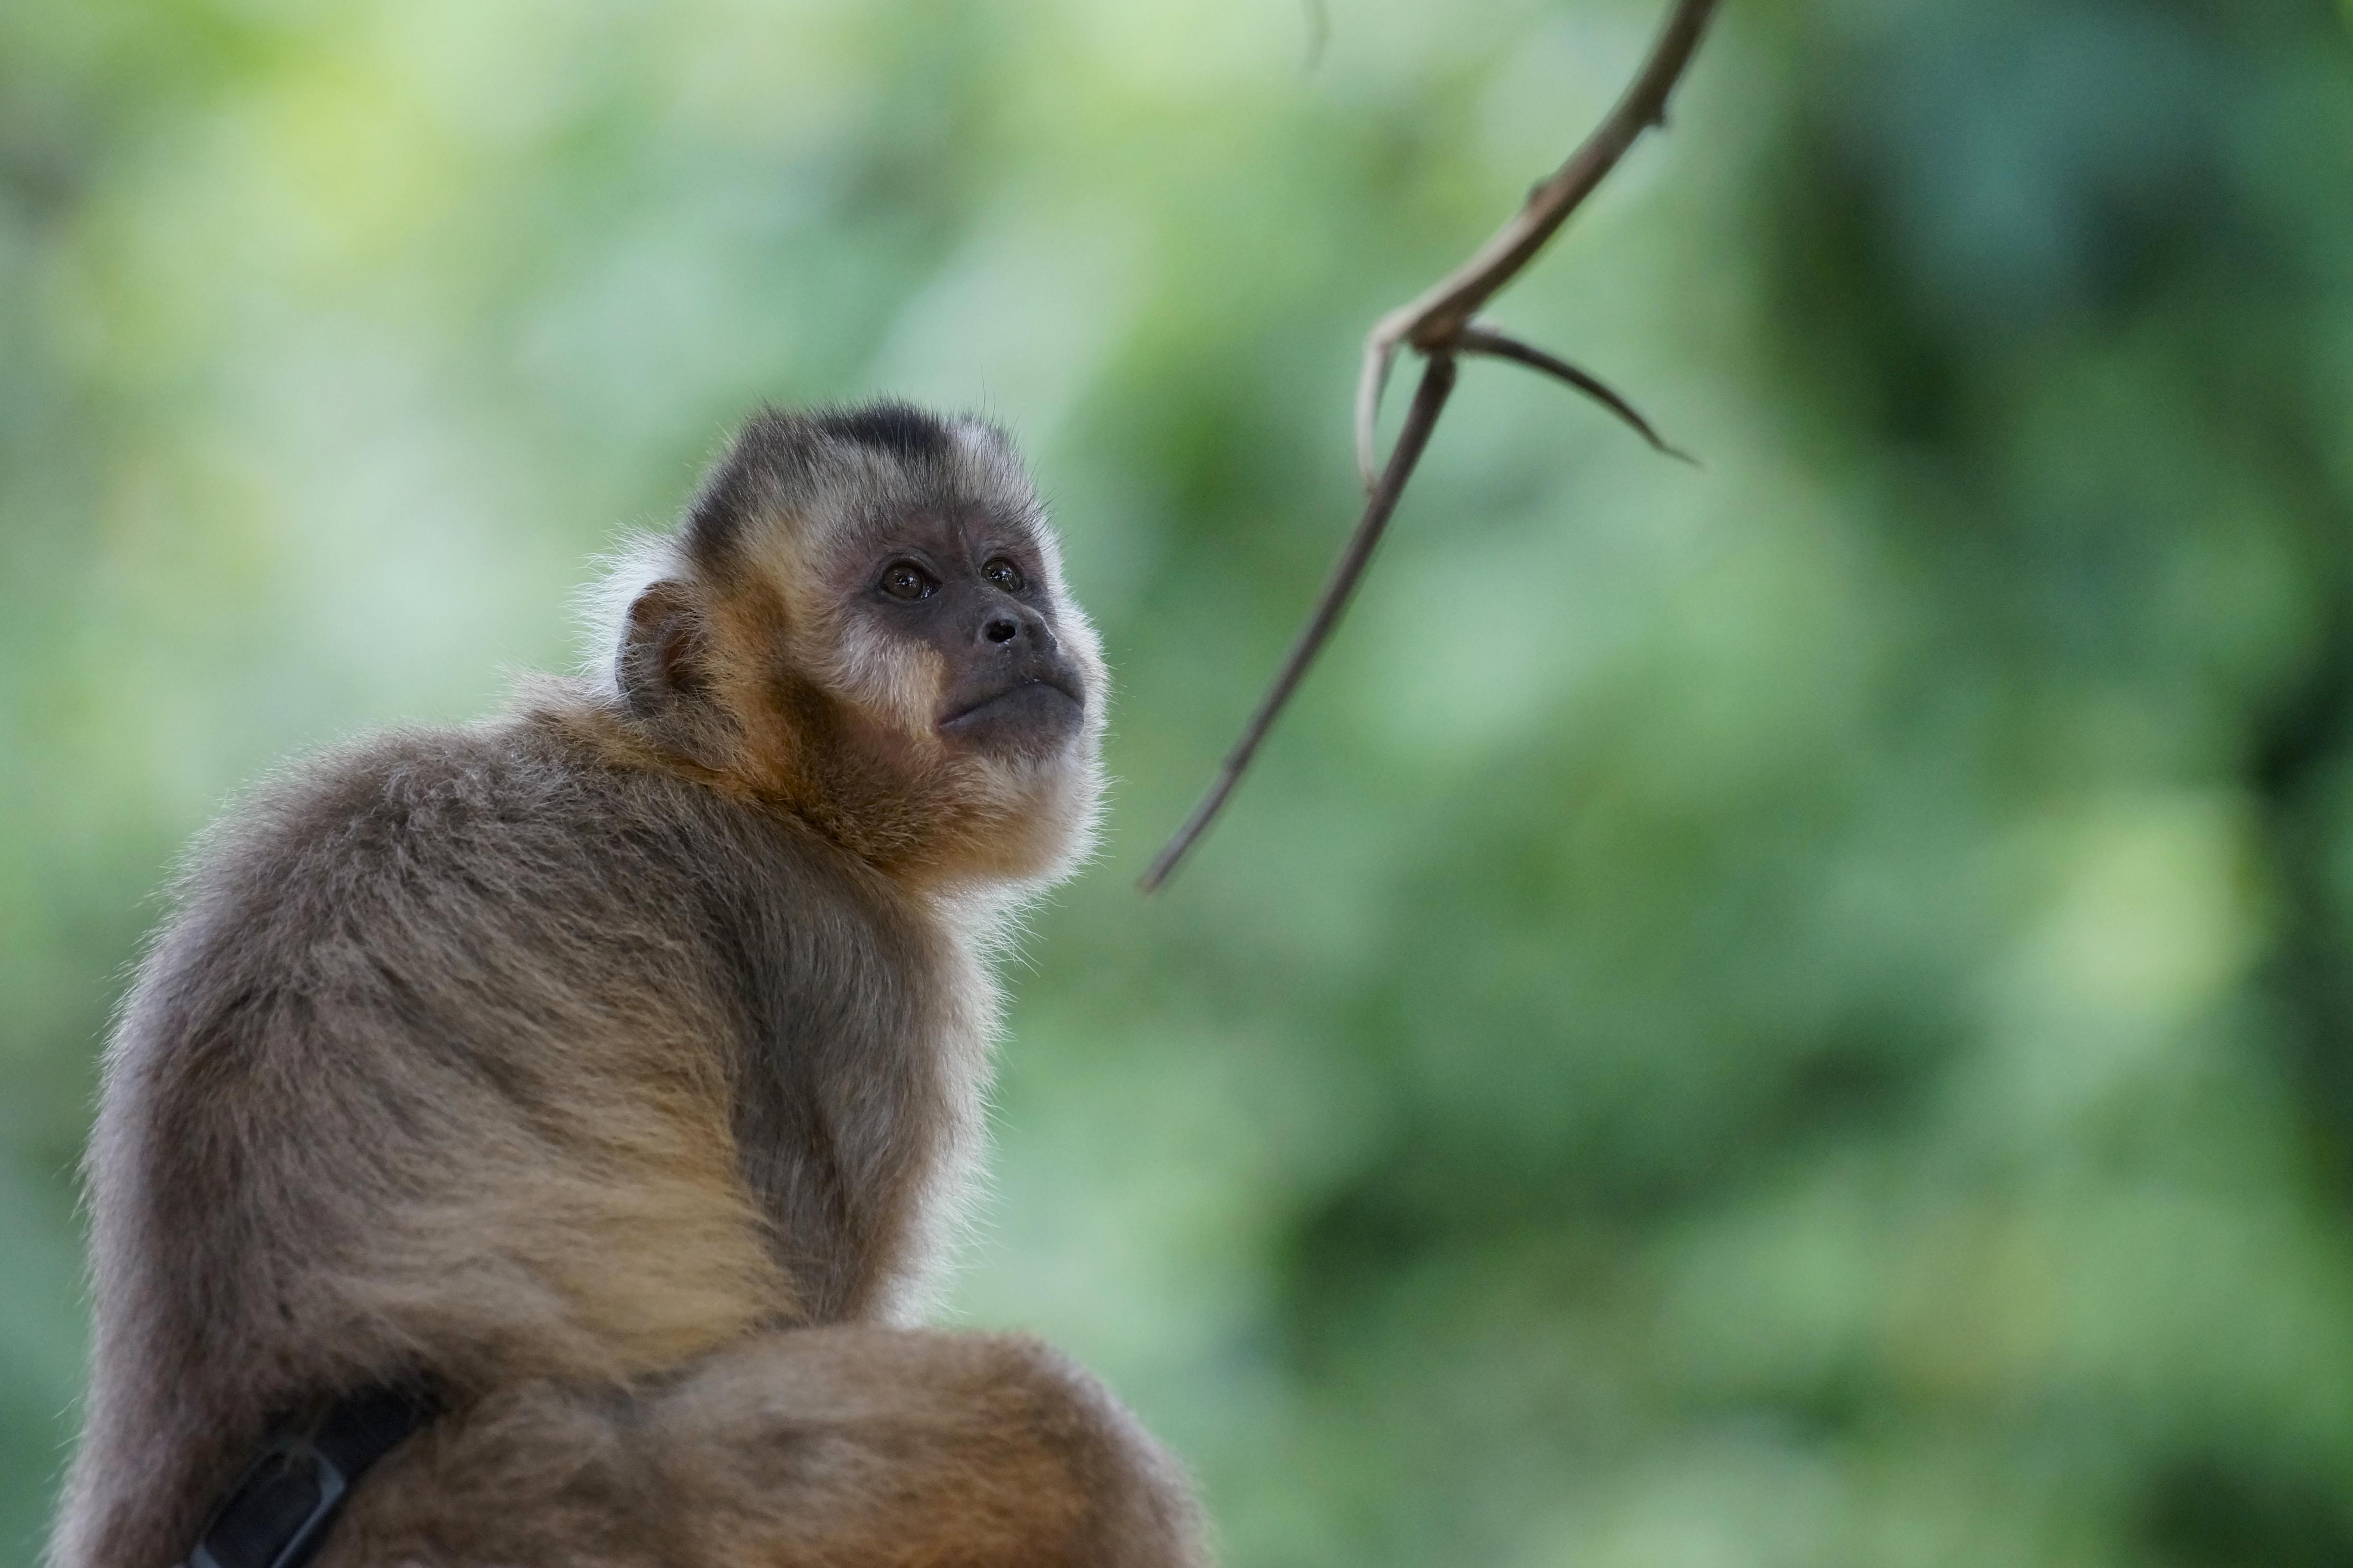 Un mono capuchino liberado con éxito en Parque Machía